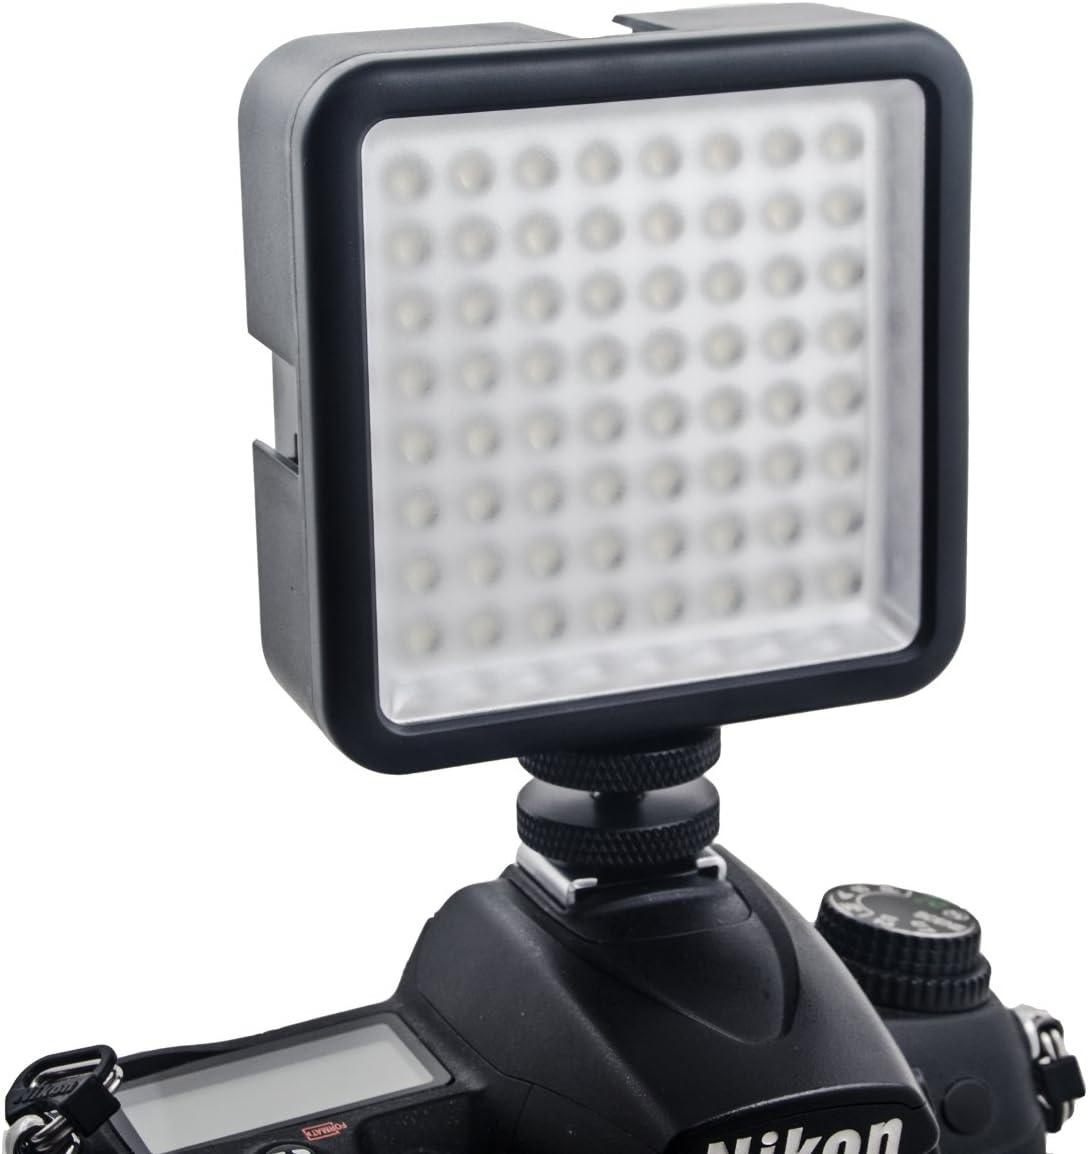 White Uonlytech LED64 6000K Dimmable High Brightness LED Video Light Camera Photo Light for DSLR Camera Camcorder Mini DVR